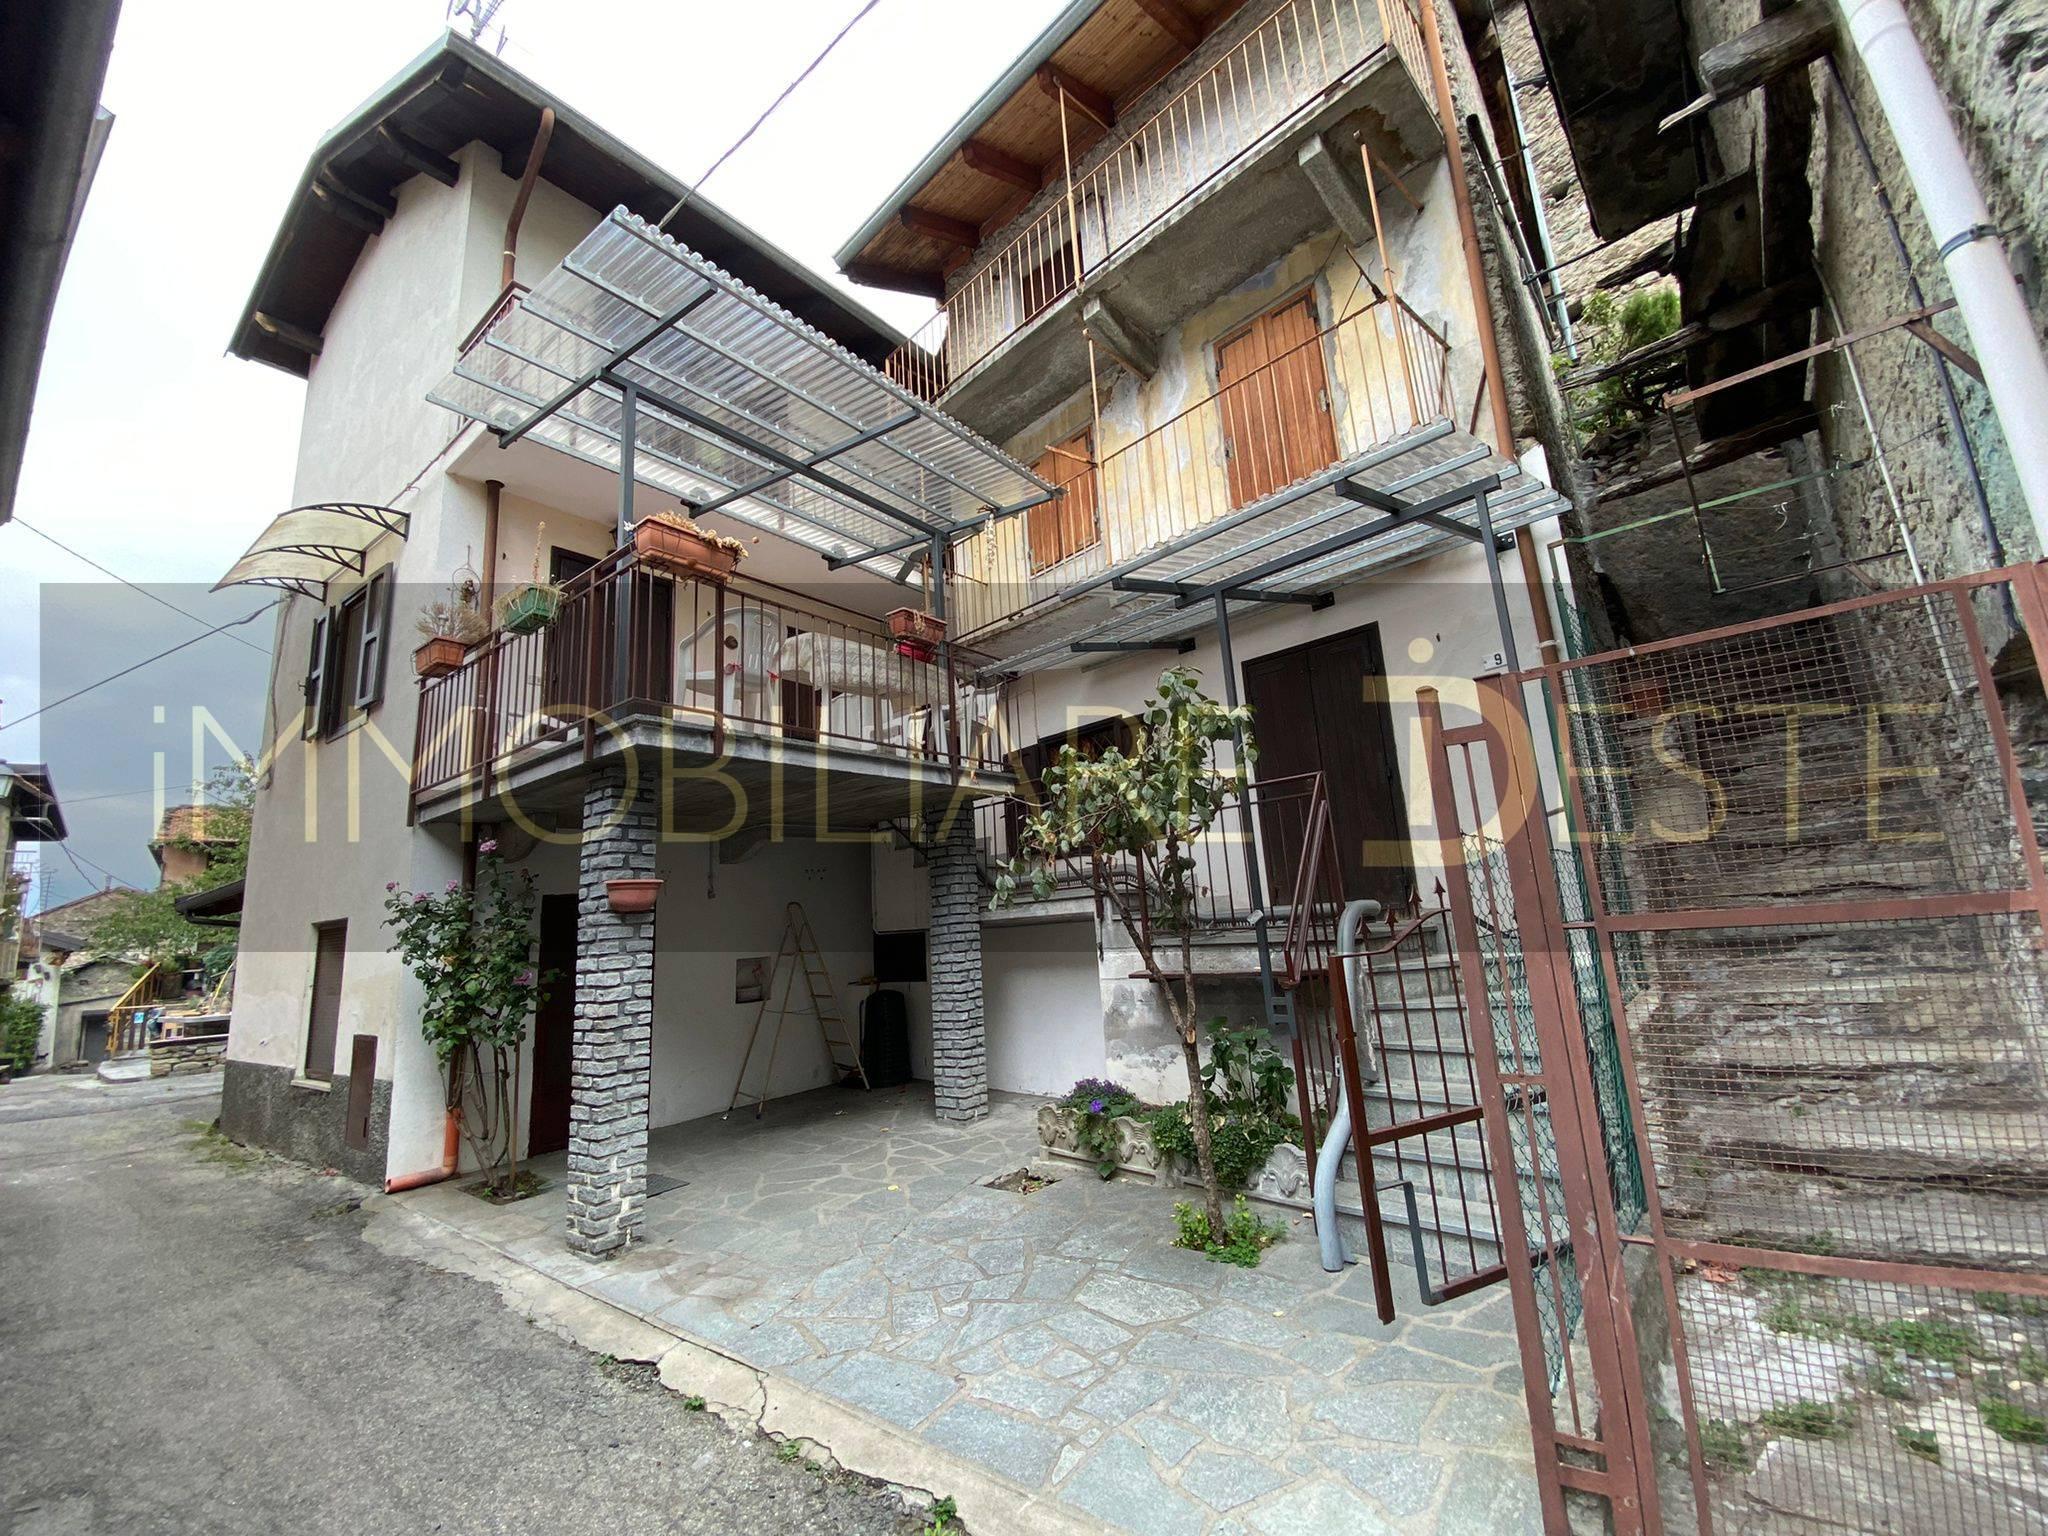 San Giorio di Susa (TO): semindipendente con cortile e terrazzo